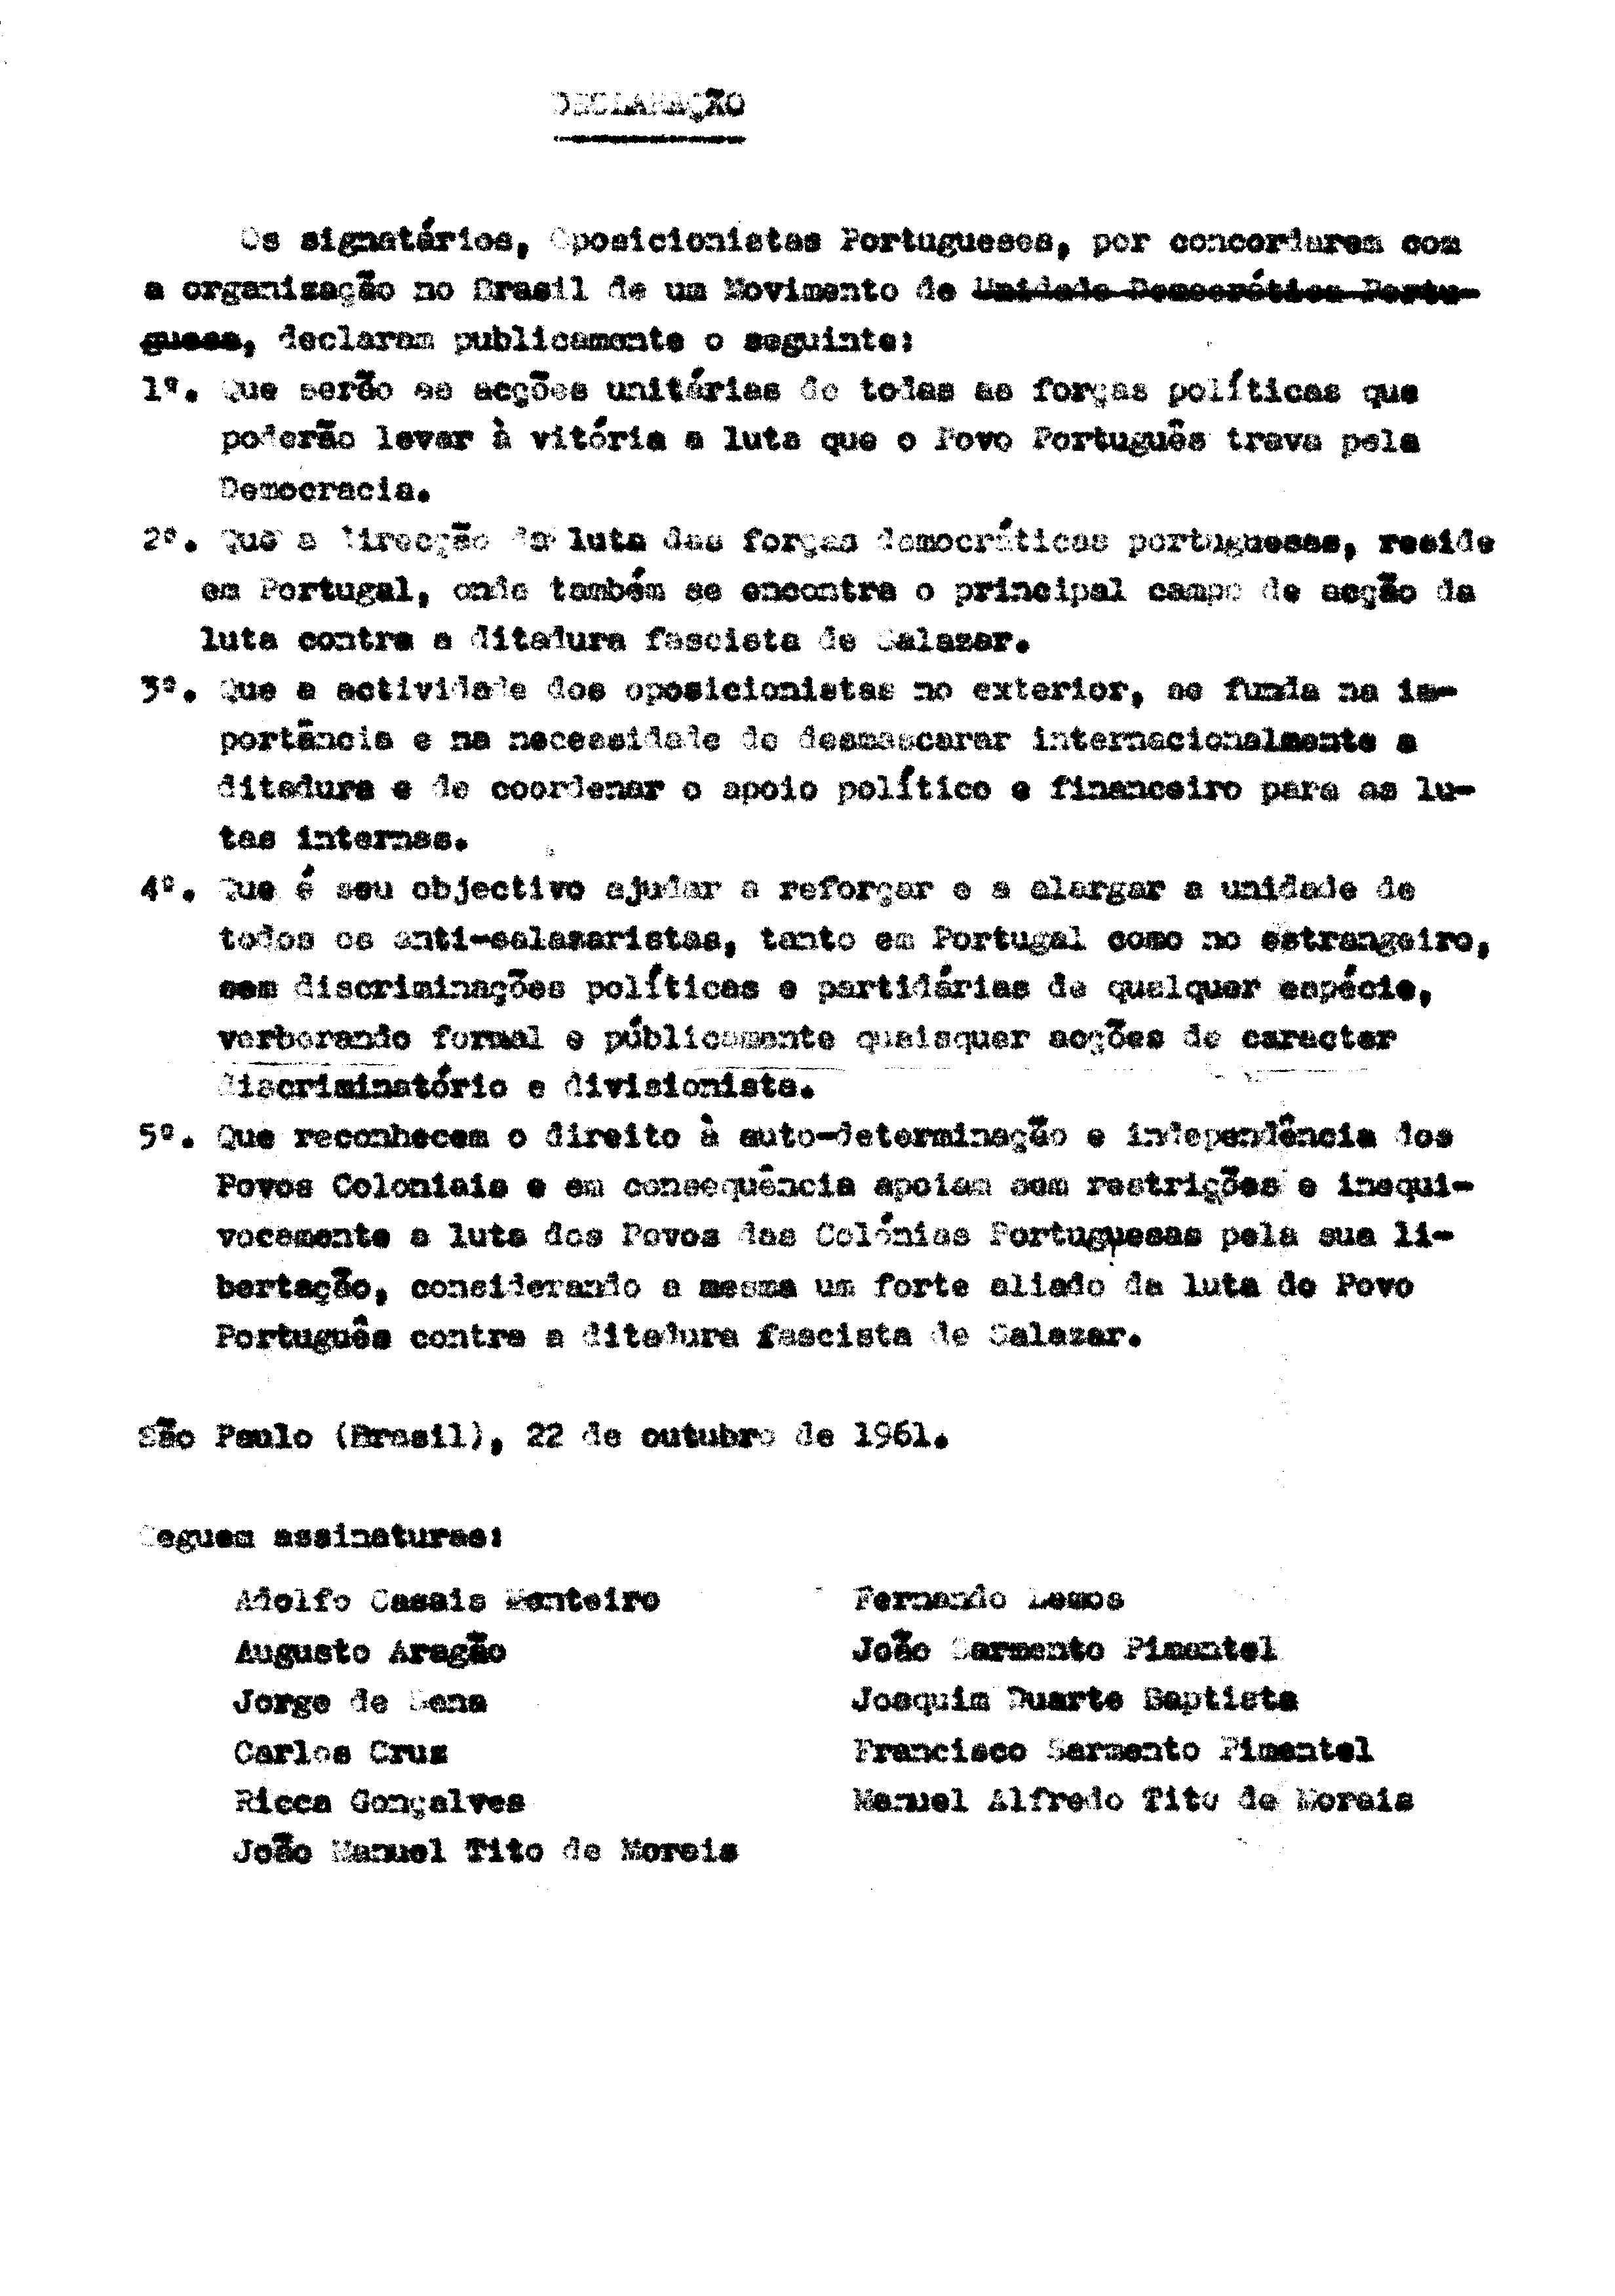 02611.009- pag.1